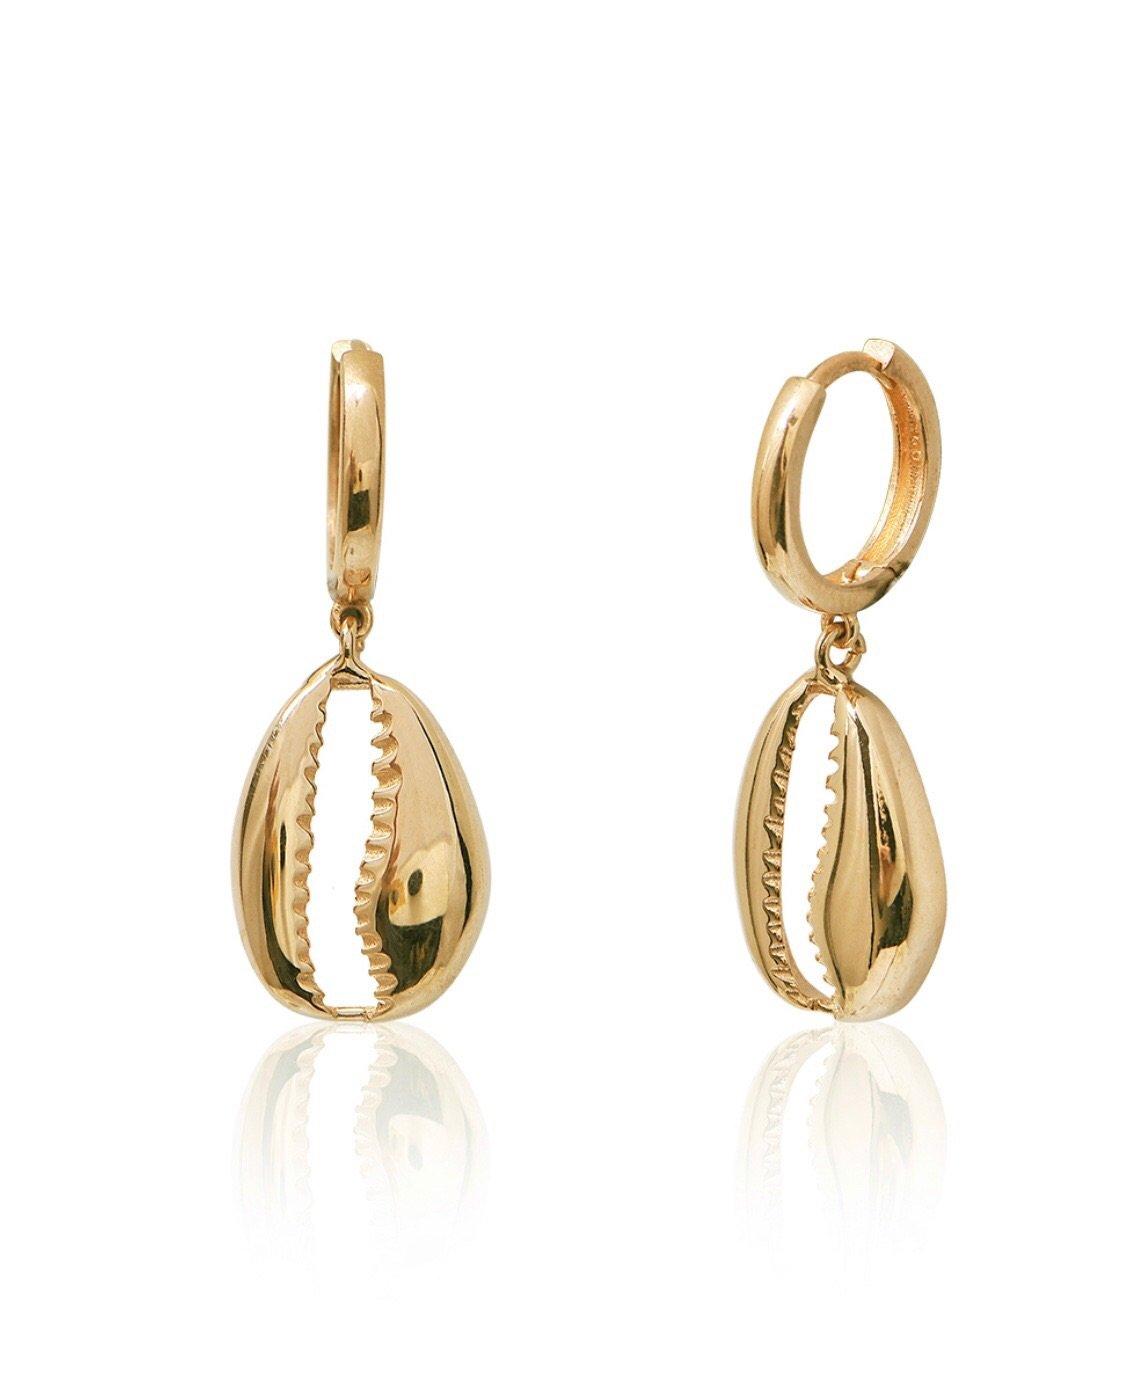 Sea shell gold earrings to wear on honeymoon